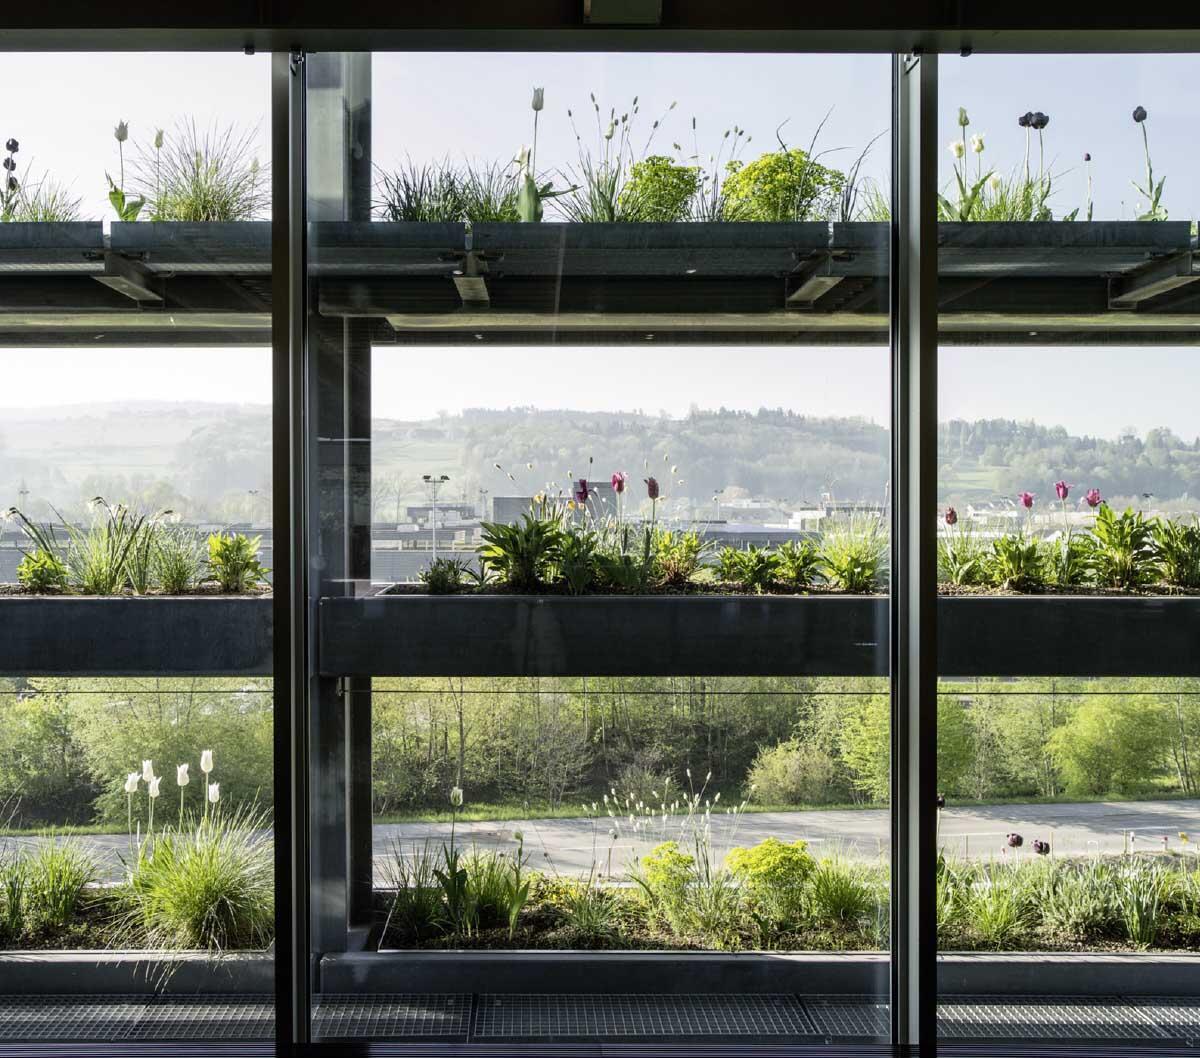 Die sorgfältig geplante Kombination der Arten ergibt eine vielfältige und stabile Pflanzengesellschaft. Pläne und Skizzen: Ganz Landschaftsarchitekten Bild: Markus Bühler